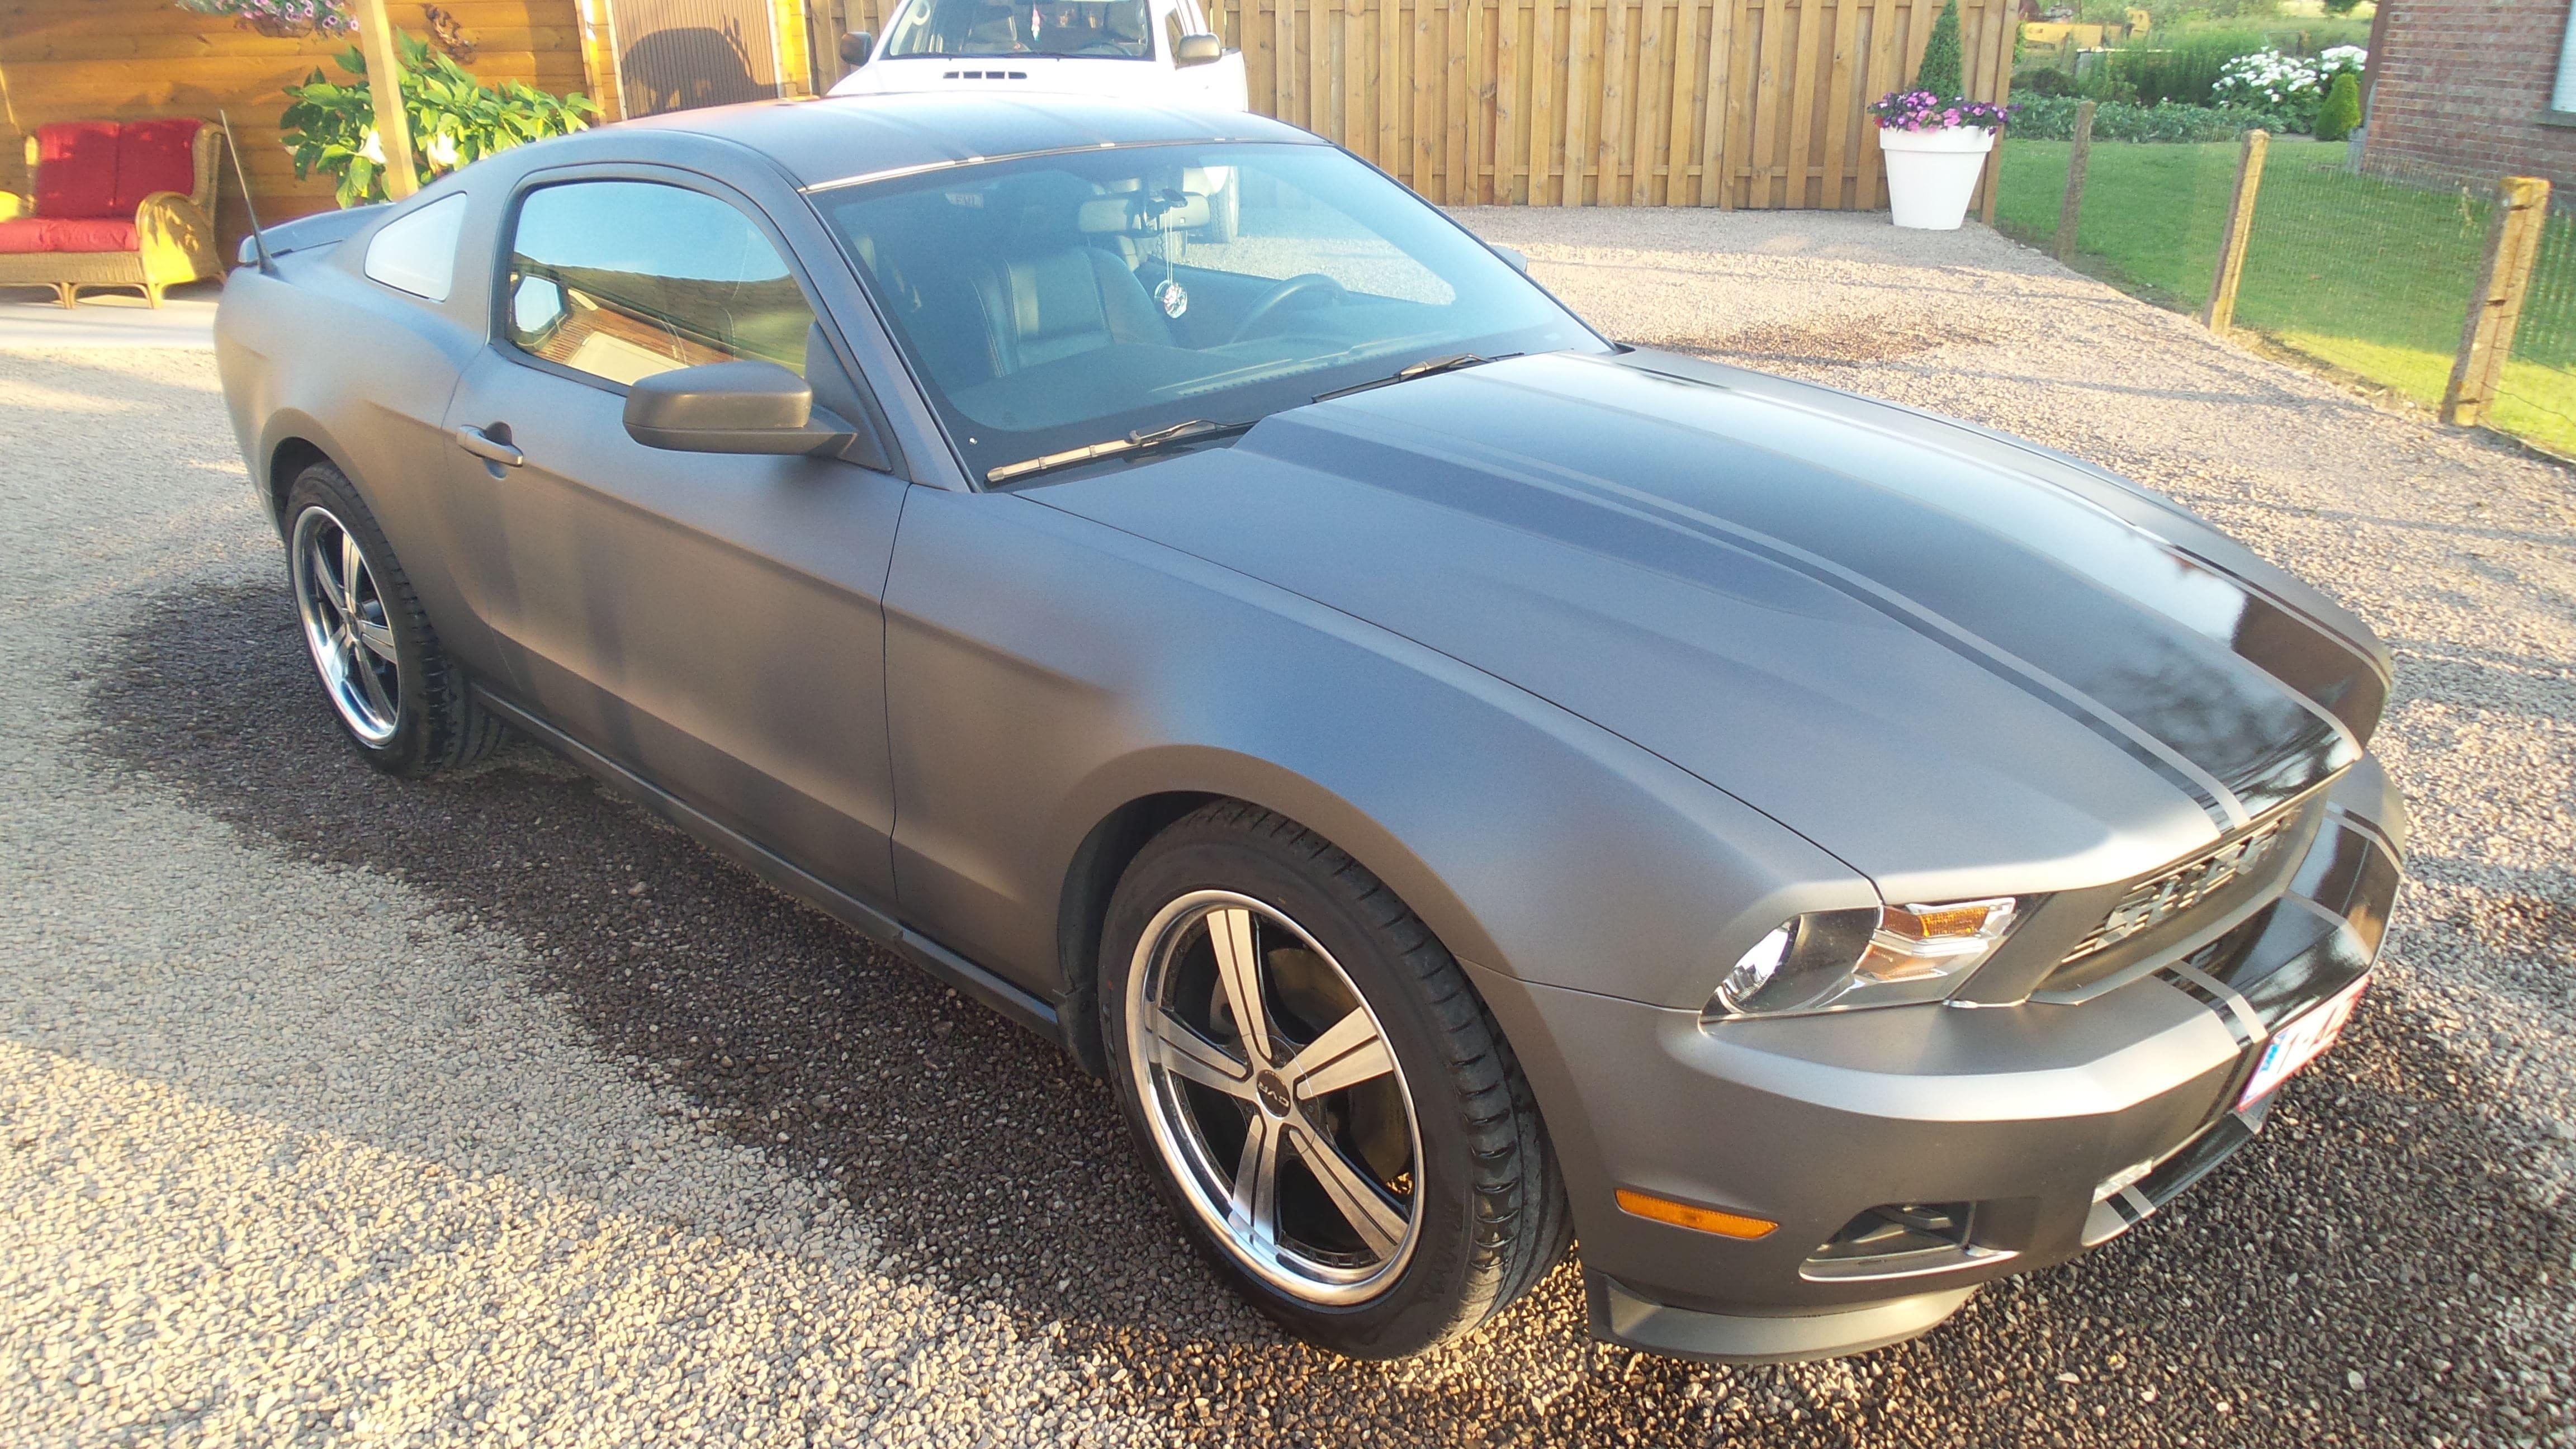 Ford Mustang 2009 met Gunpowder Wrap, Carwrapping door Wrapmyride.nu Foto-nr:5812, ©2021